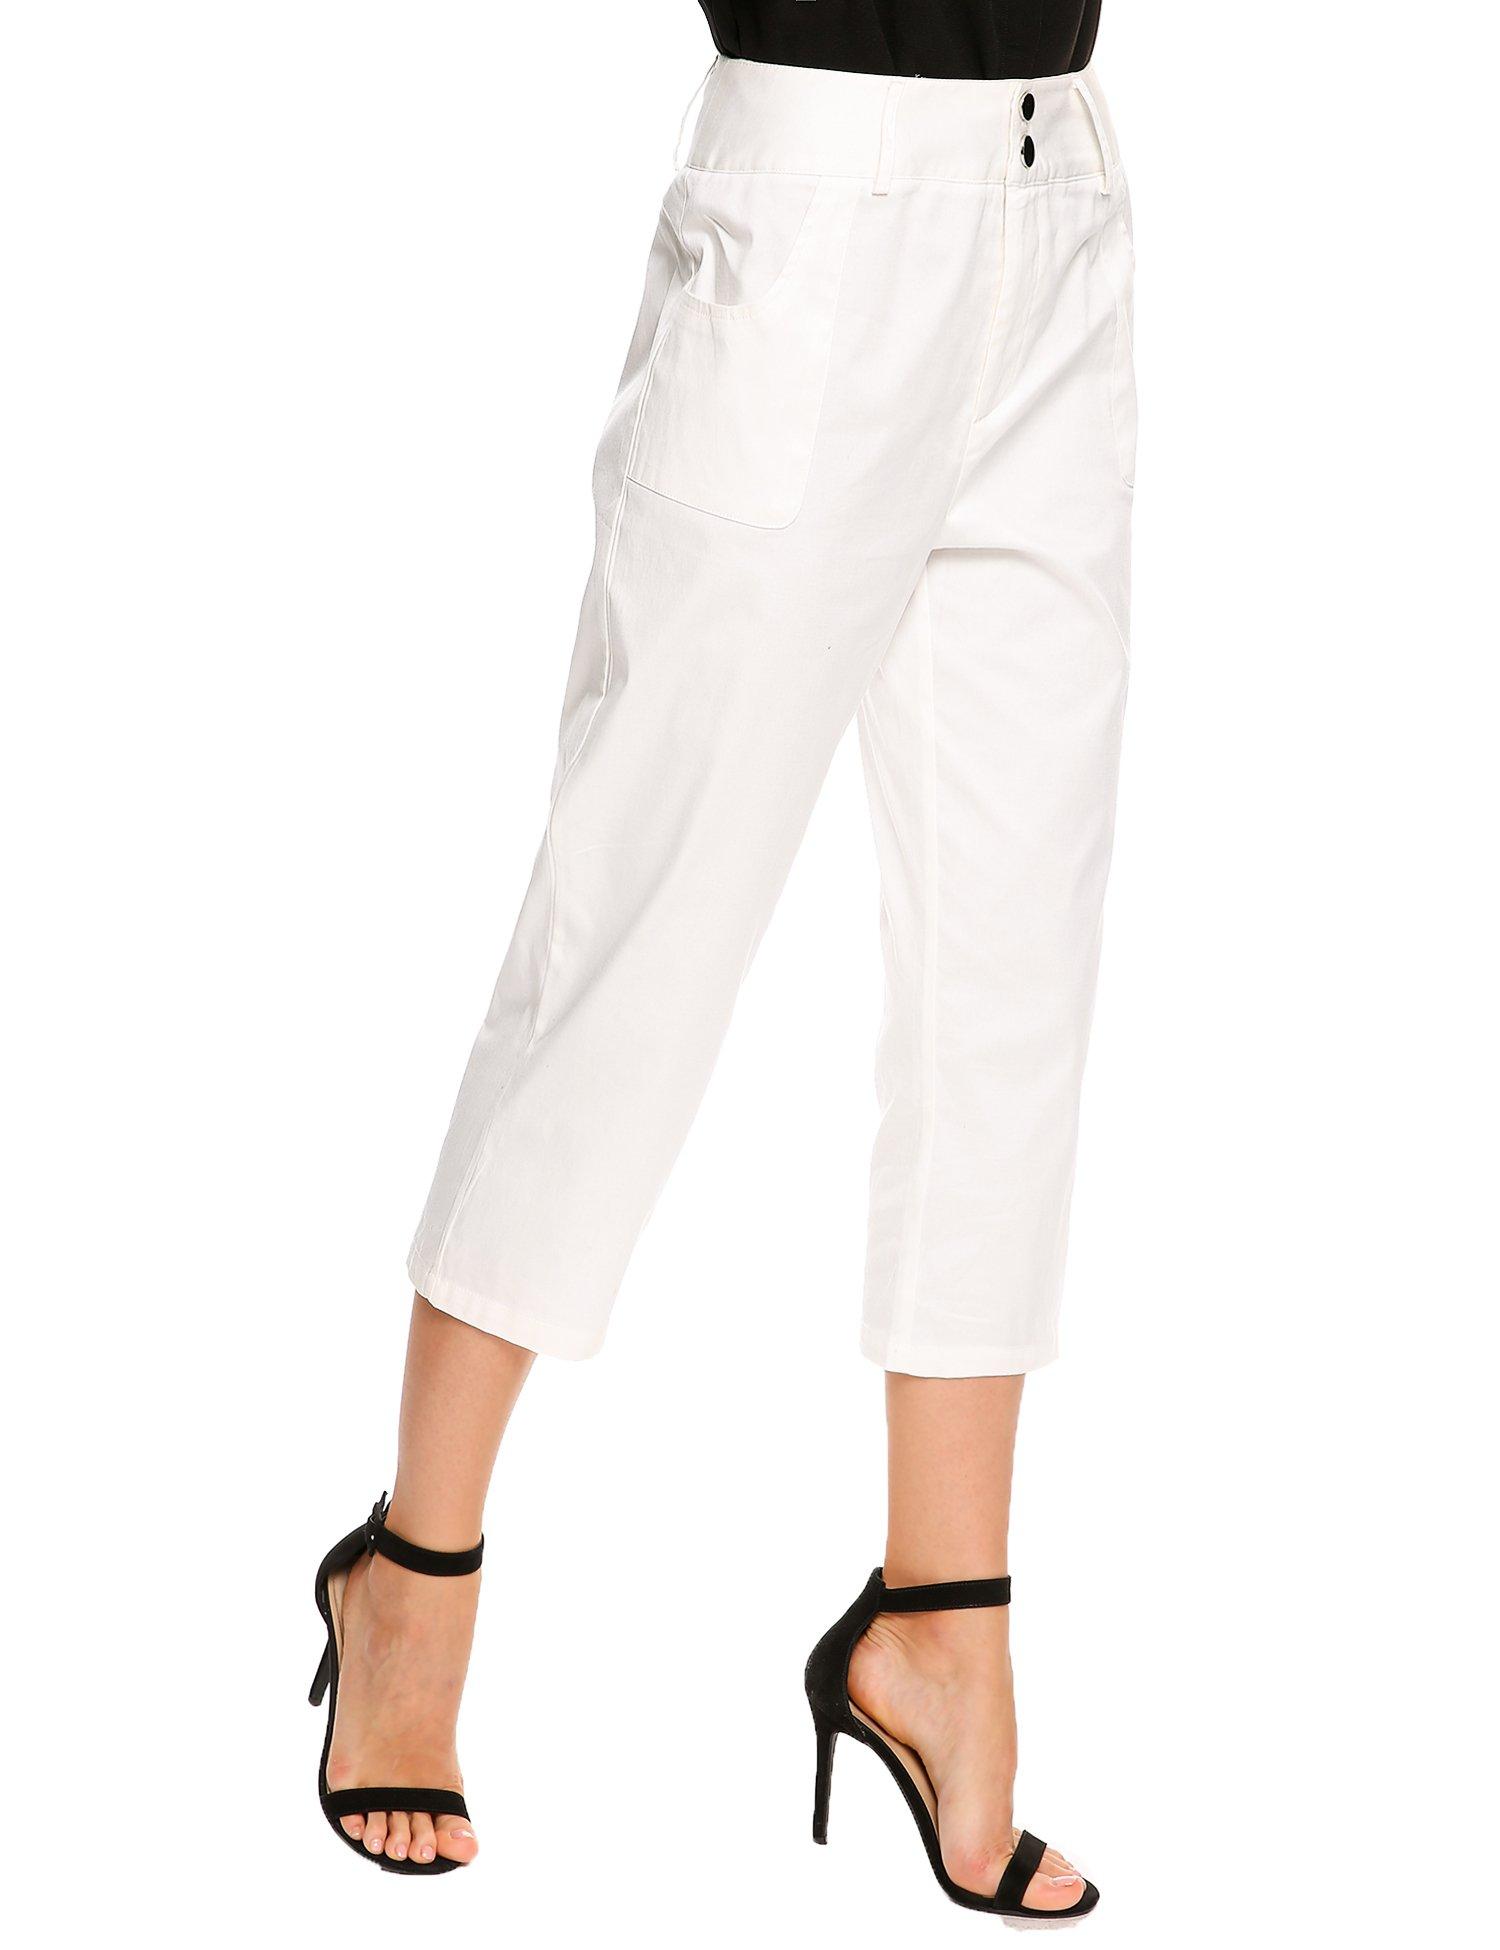 Zeagoo Women High Waist Zip Fly Solid Slim Work Casual Capri Pants